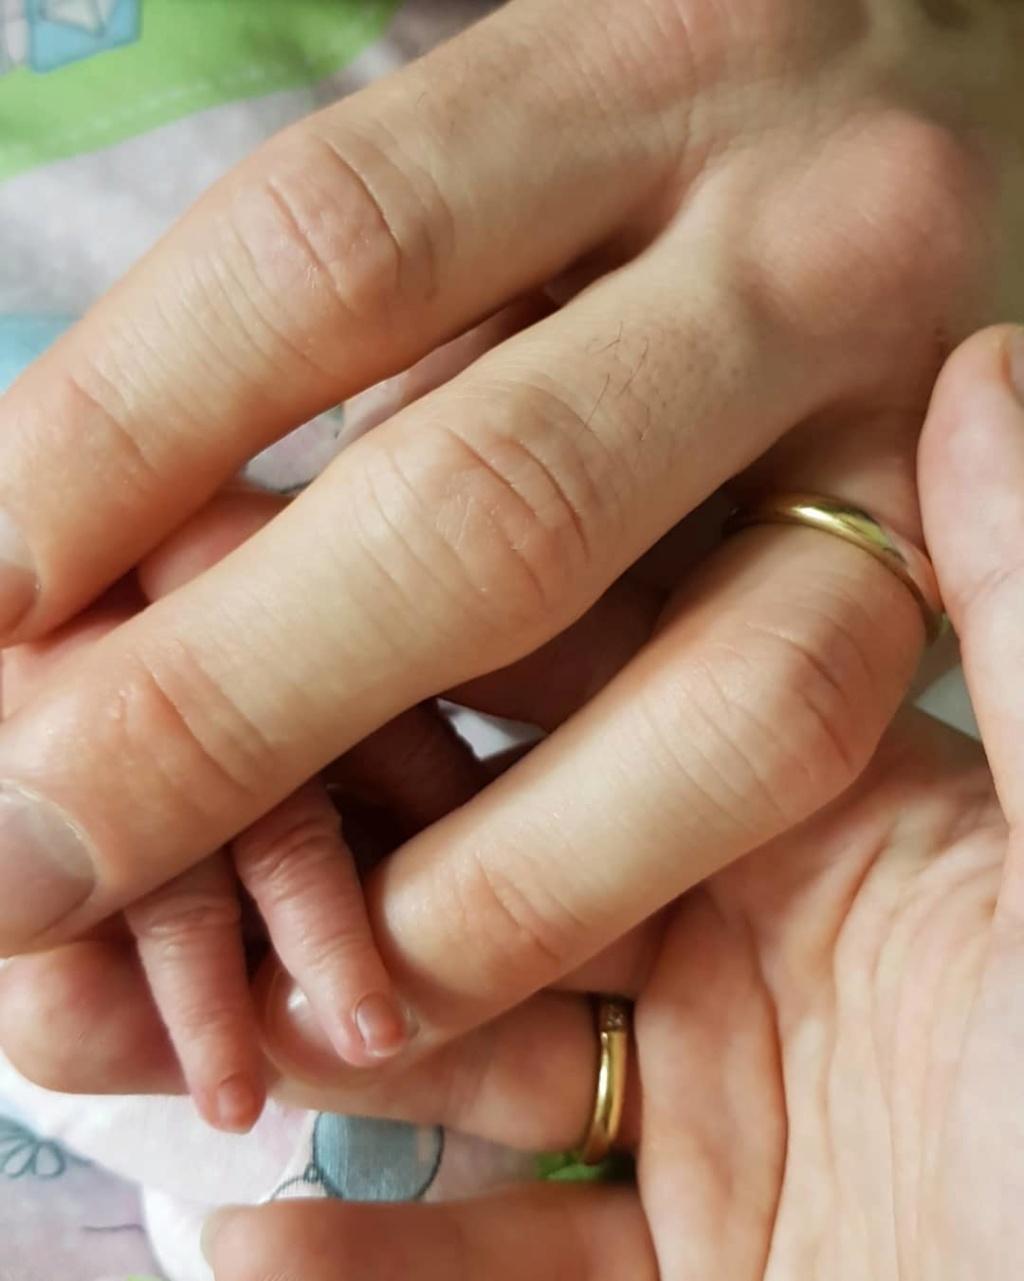 Свадьбы-женитьбы и биатлонное потомство - Страница 10 Skardi10